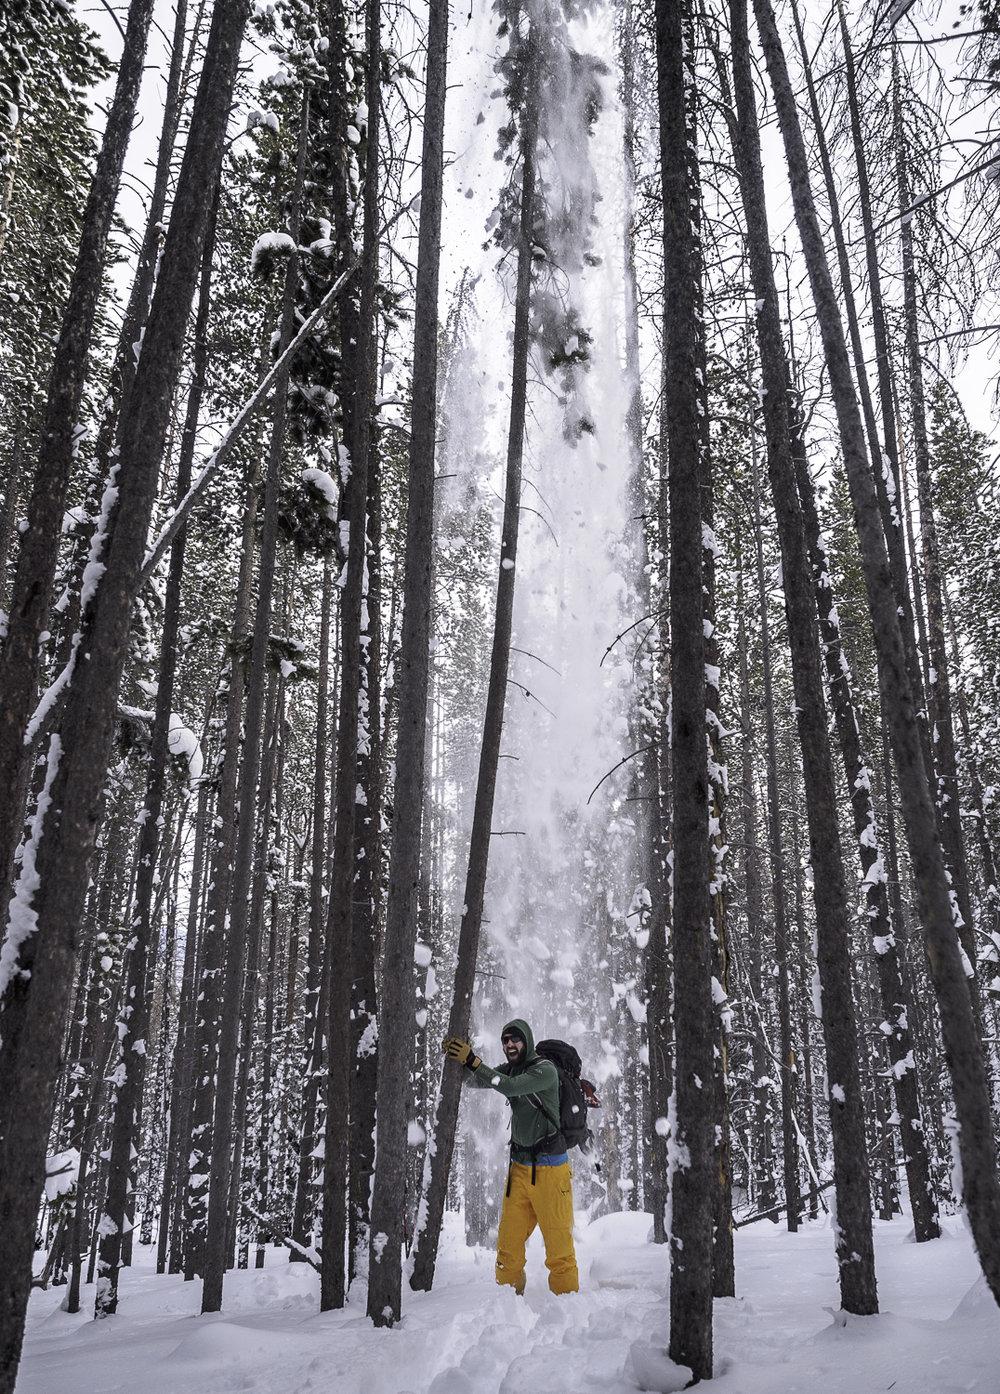 Tree Blizzard - Drew, Summit County